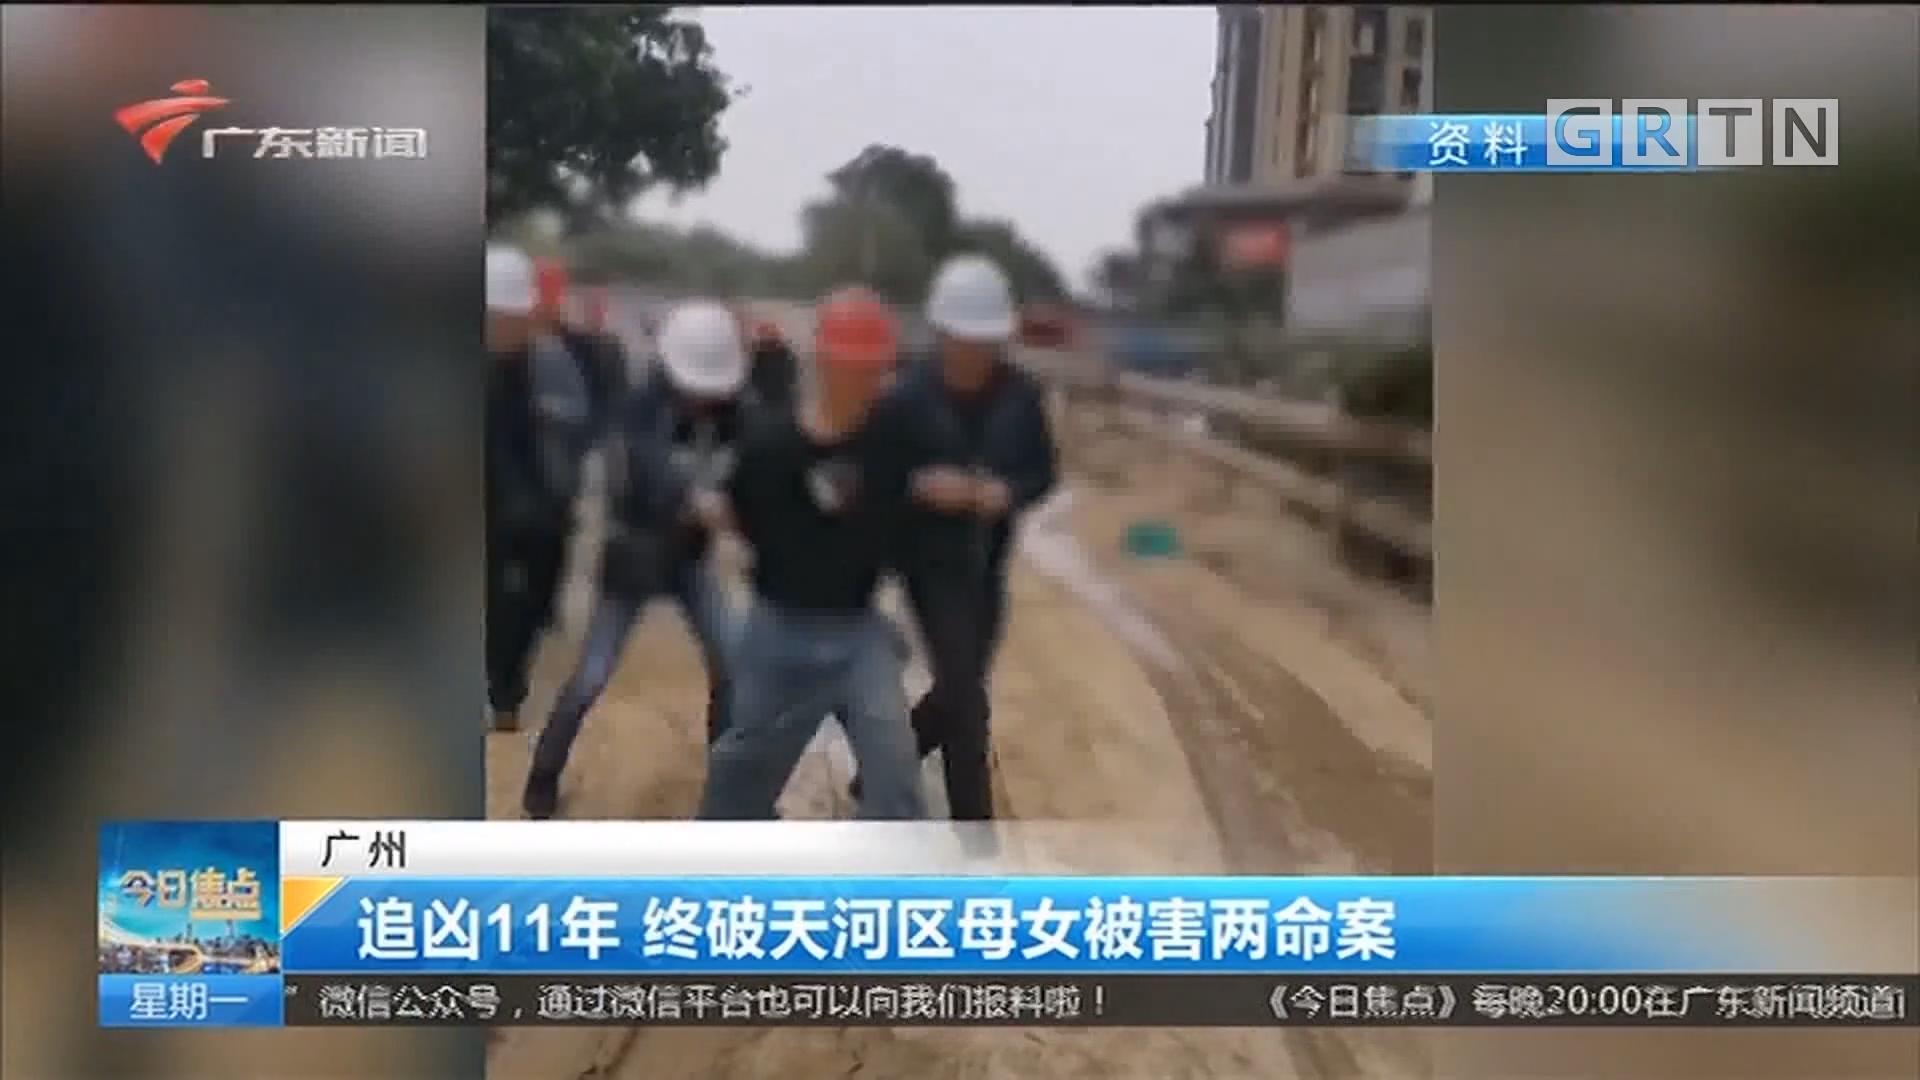 广州:追凶11年 终破天河区母女被害两命案